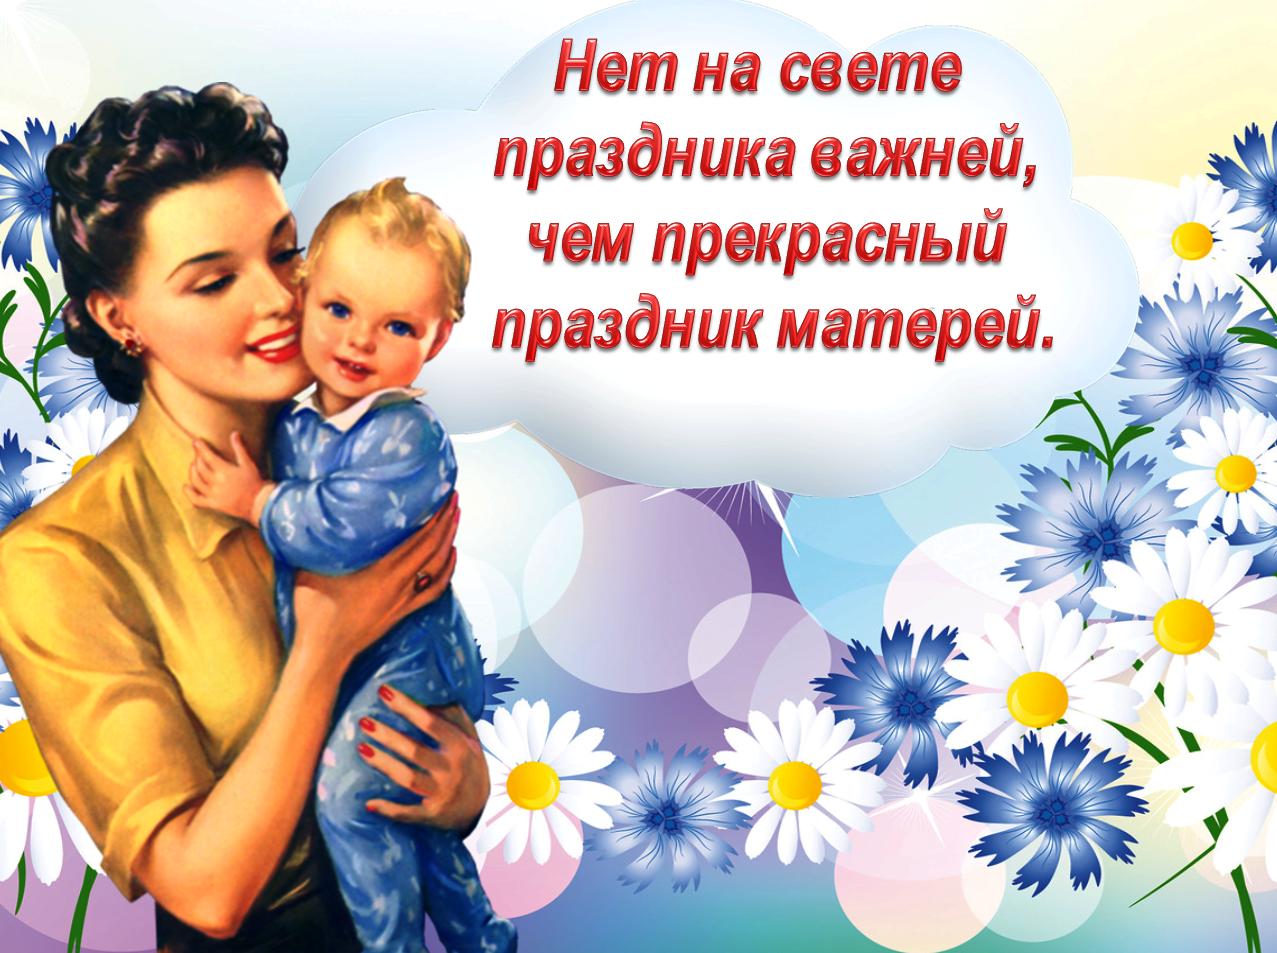 Поздравления и благодарности - Страница 3 Den_Materi.png1352560063